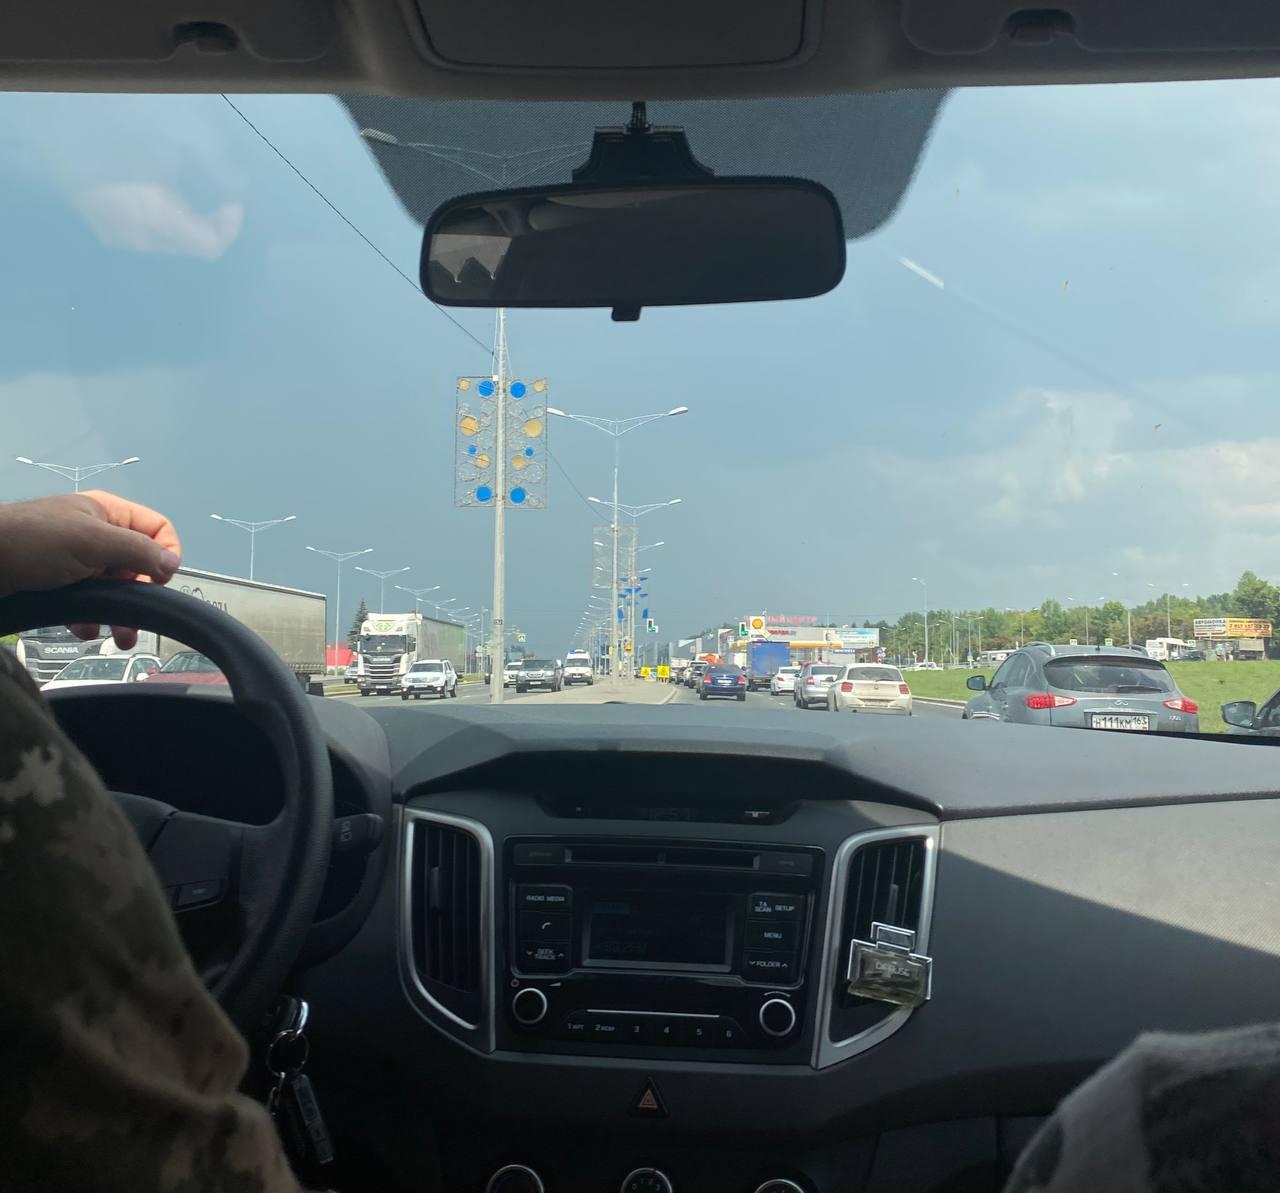 Идет шторм. В Самаре из-за ливня с градом почти остановилось движение около ТЦ «Мега»